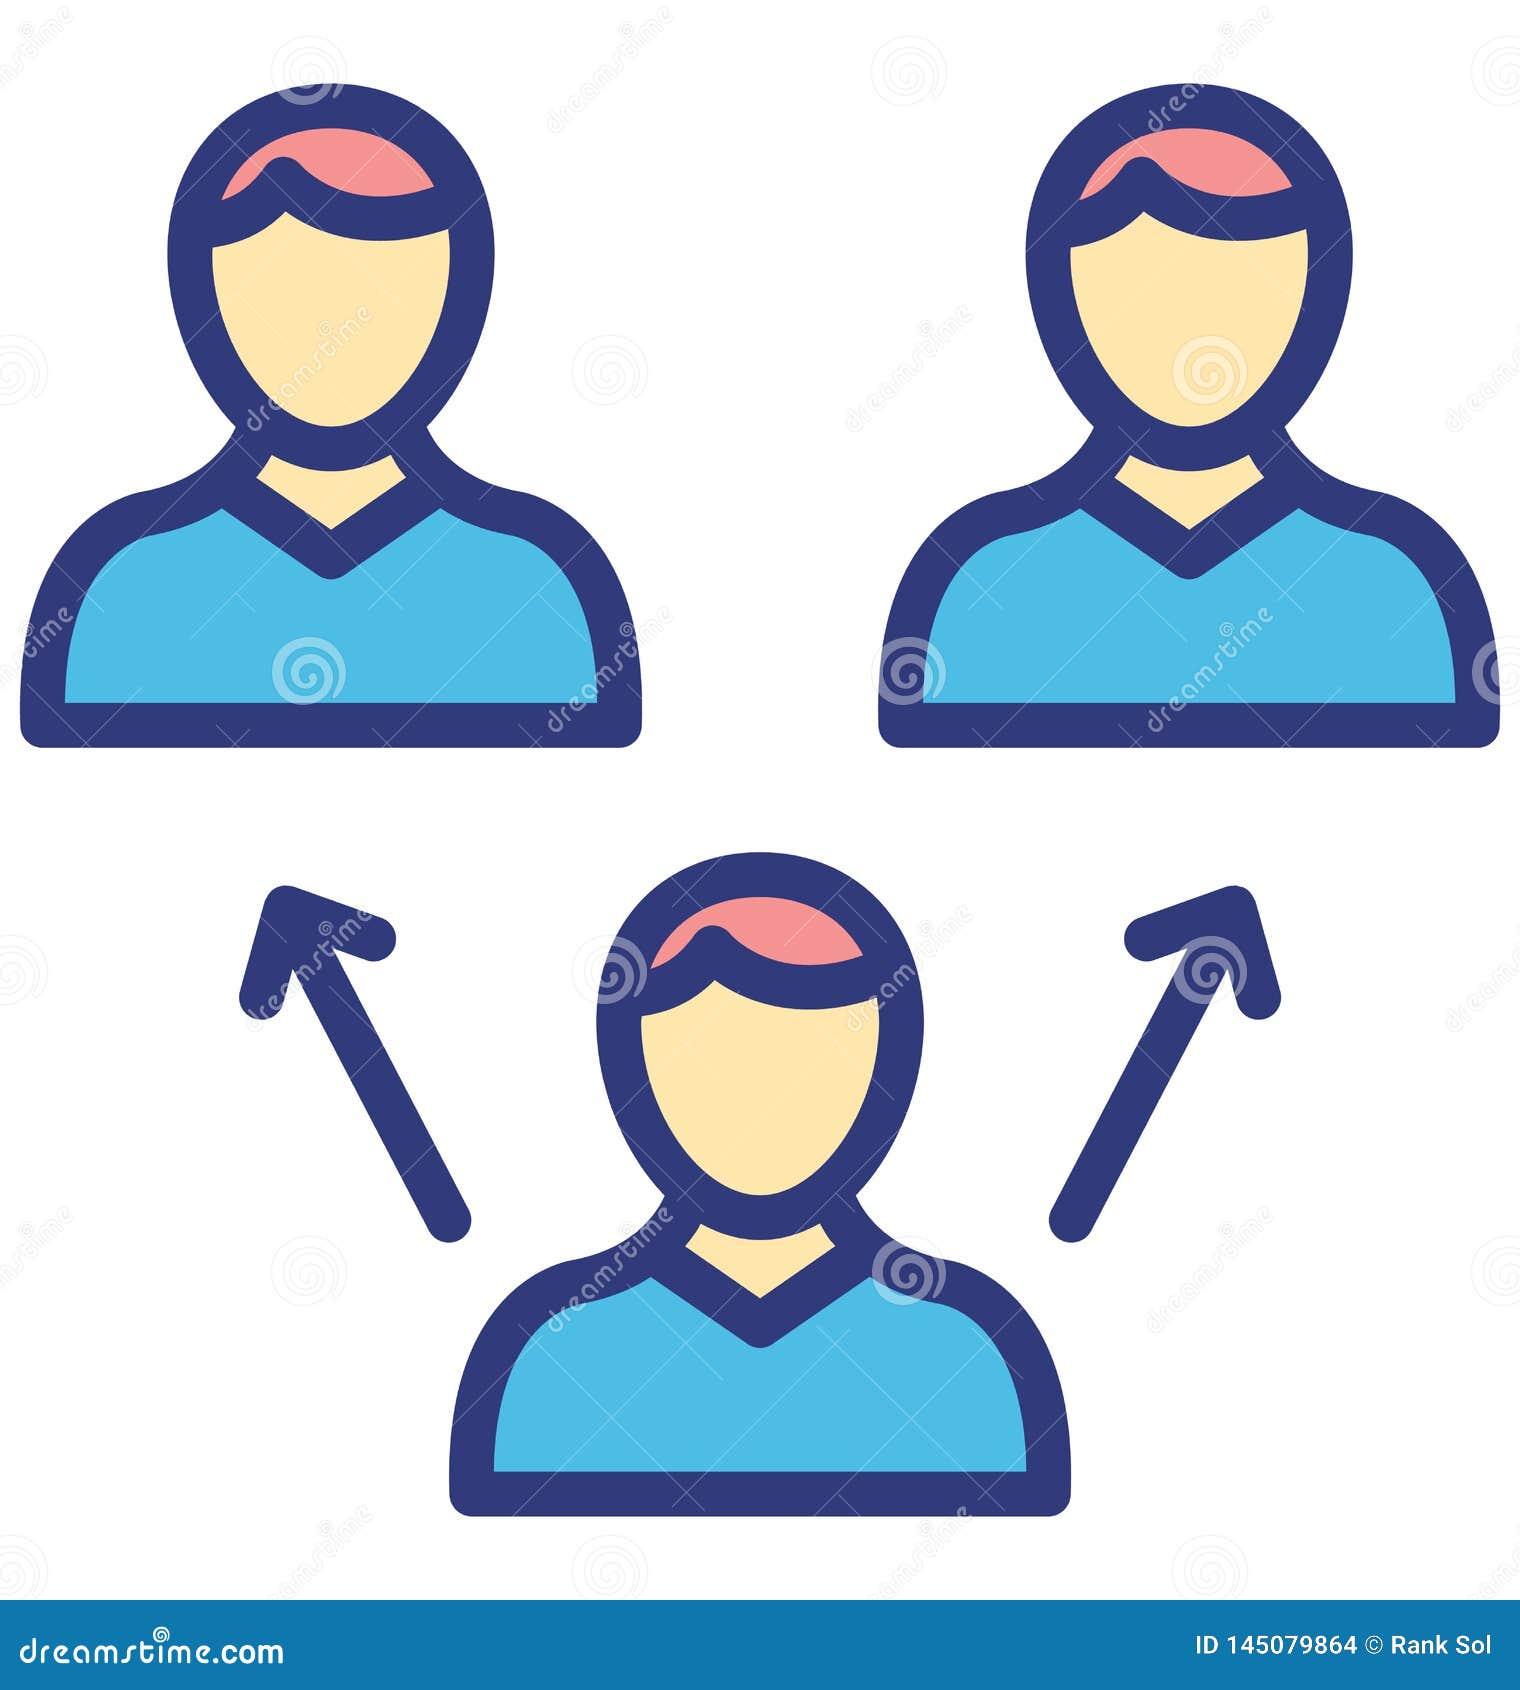 De collectieve ethiek isoleerde Vectorpictogram dat zich gemakkelijk kan wijzigen of uitgeven